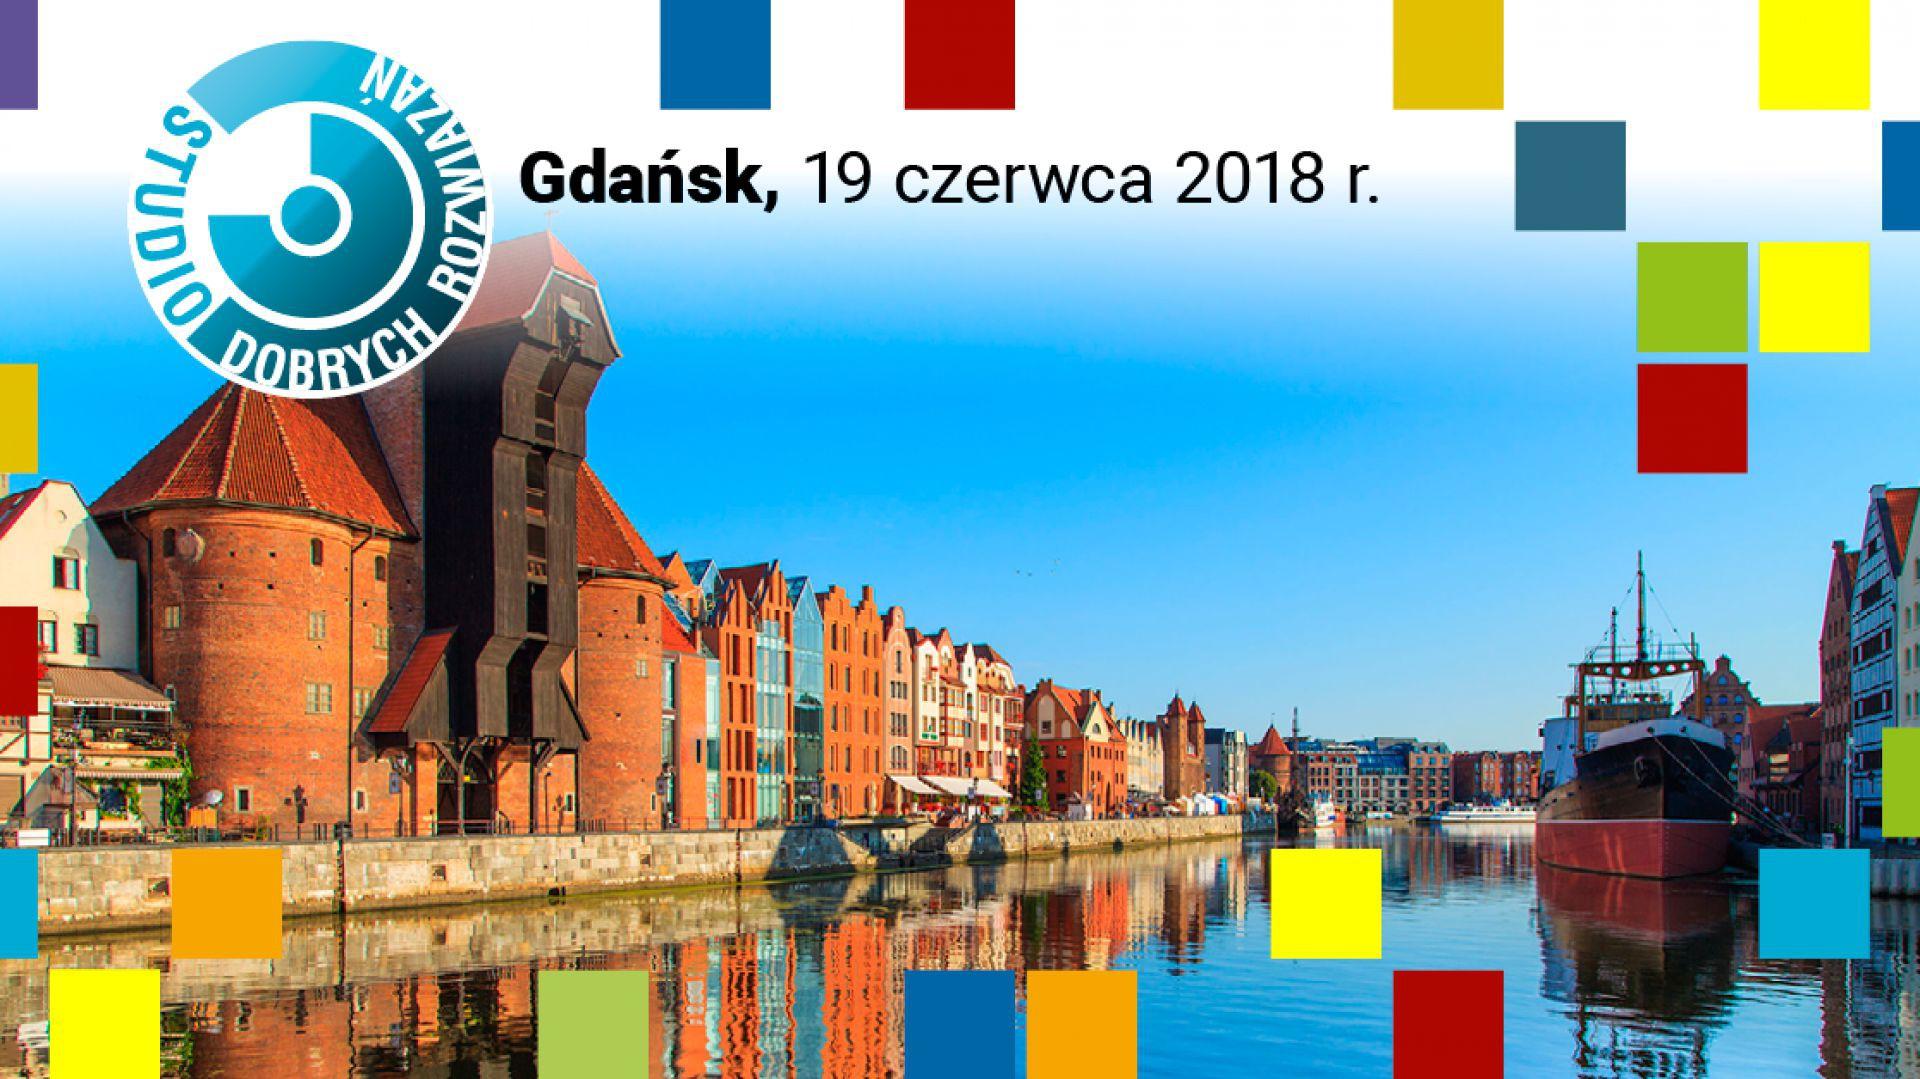 Studio Dobrych Rozwiązań w Gdańsku - 19 czerwca 2018.